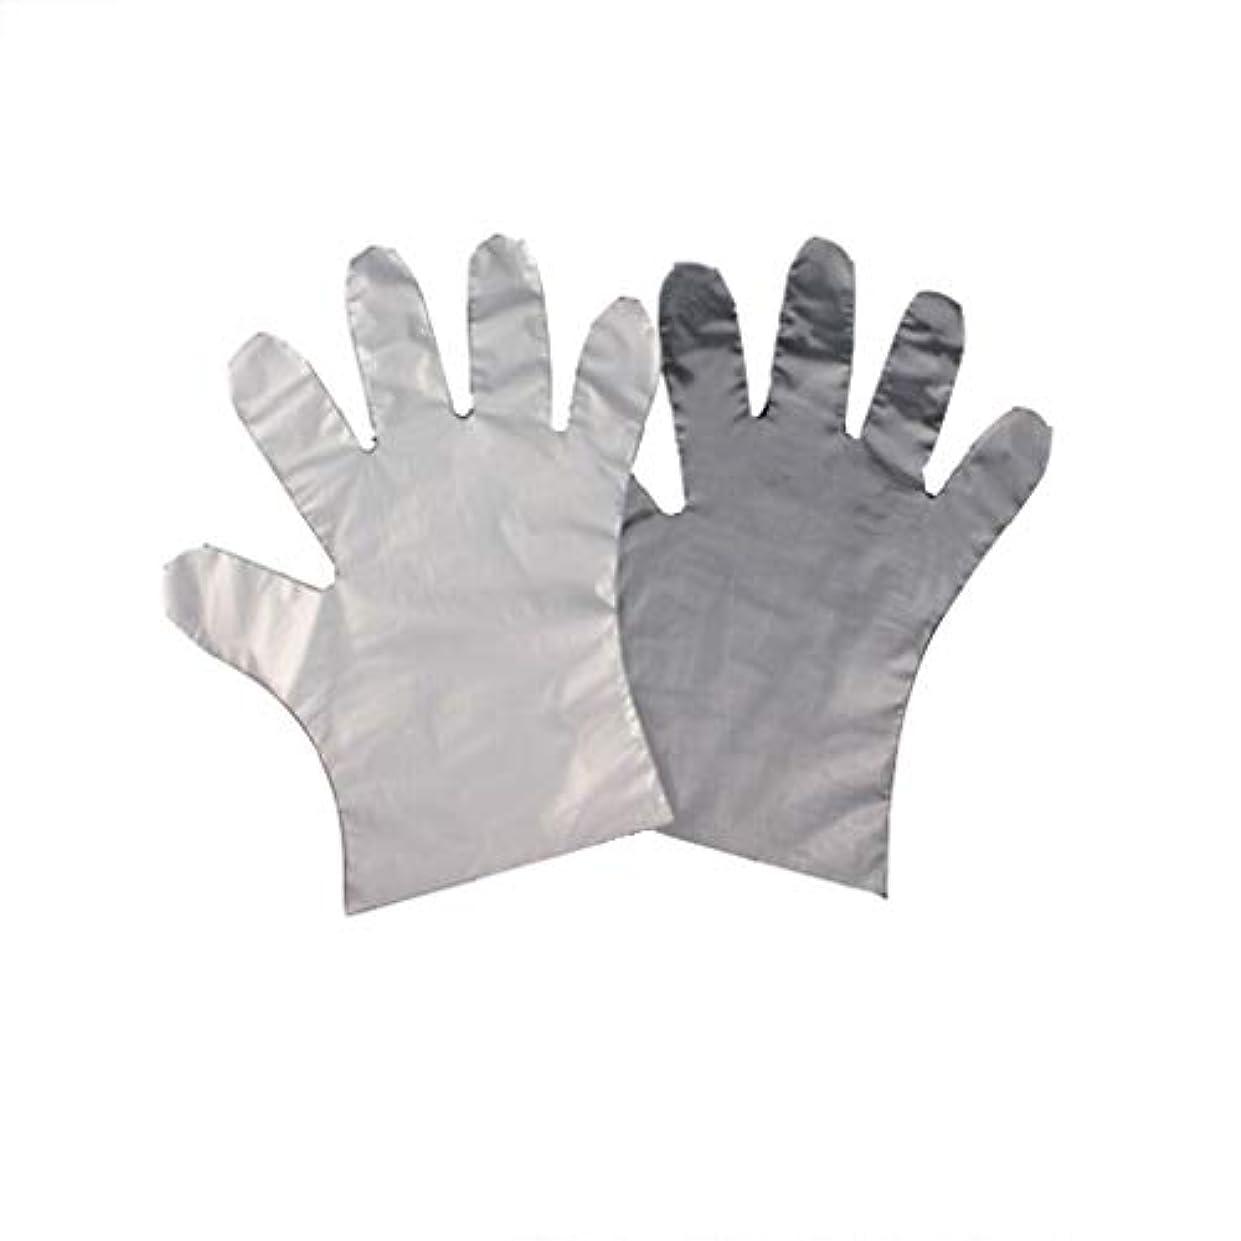 言語学区科学者手袋、使い捨てPE手袋、食品の肥厚、透明な2つのオープンポケット-600のみ。